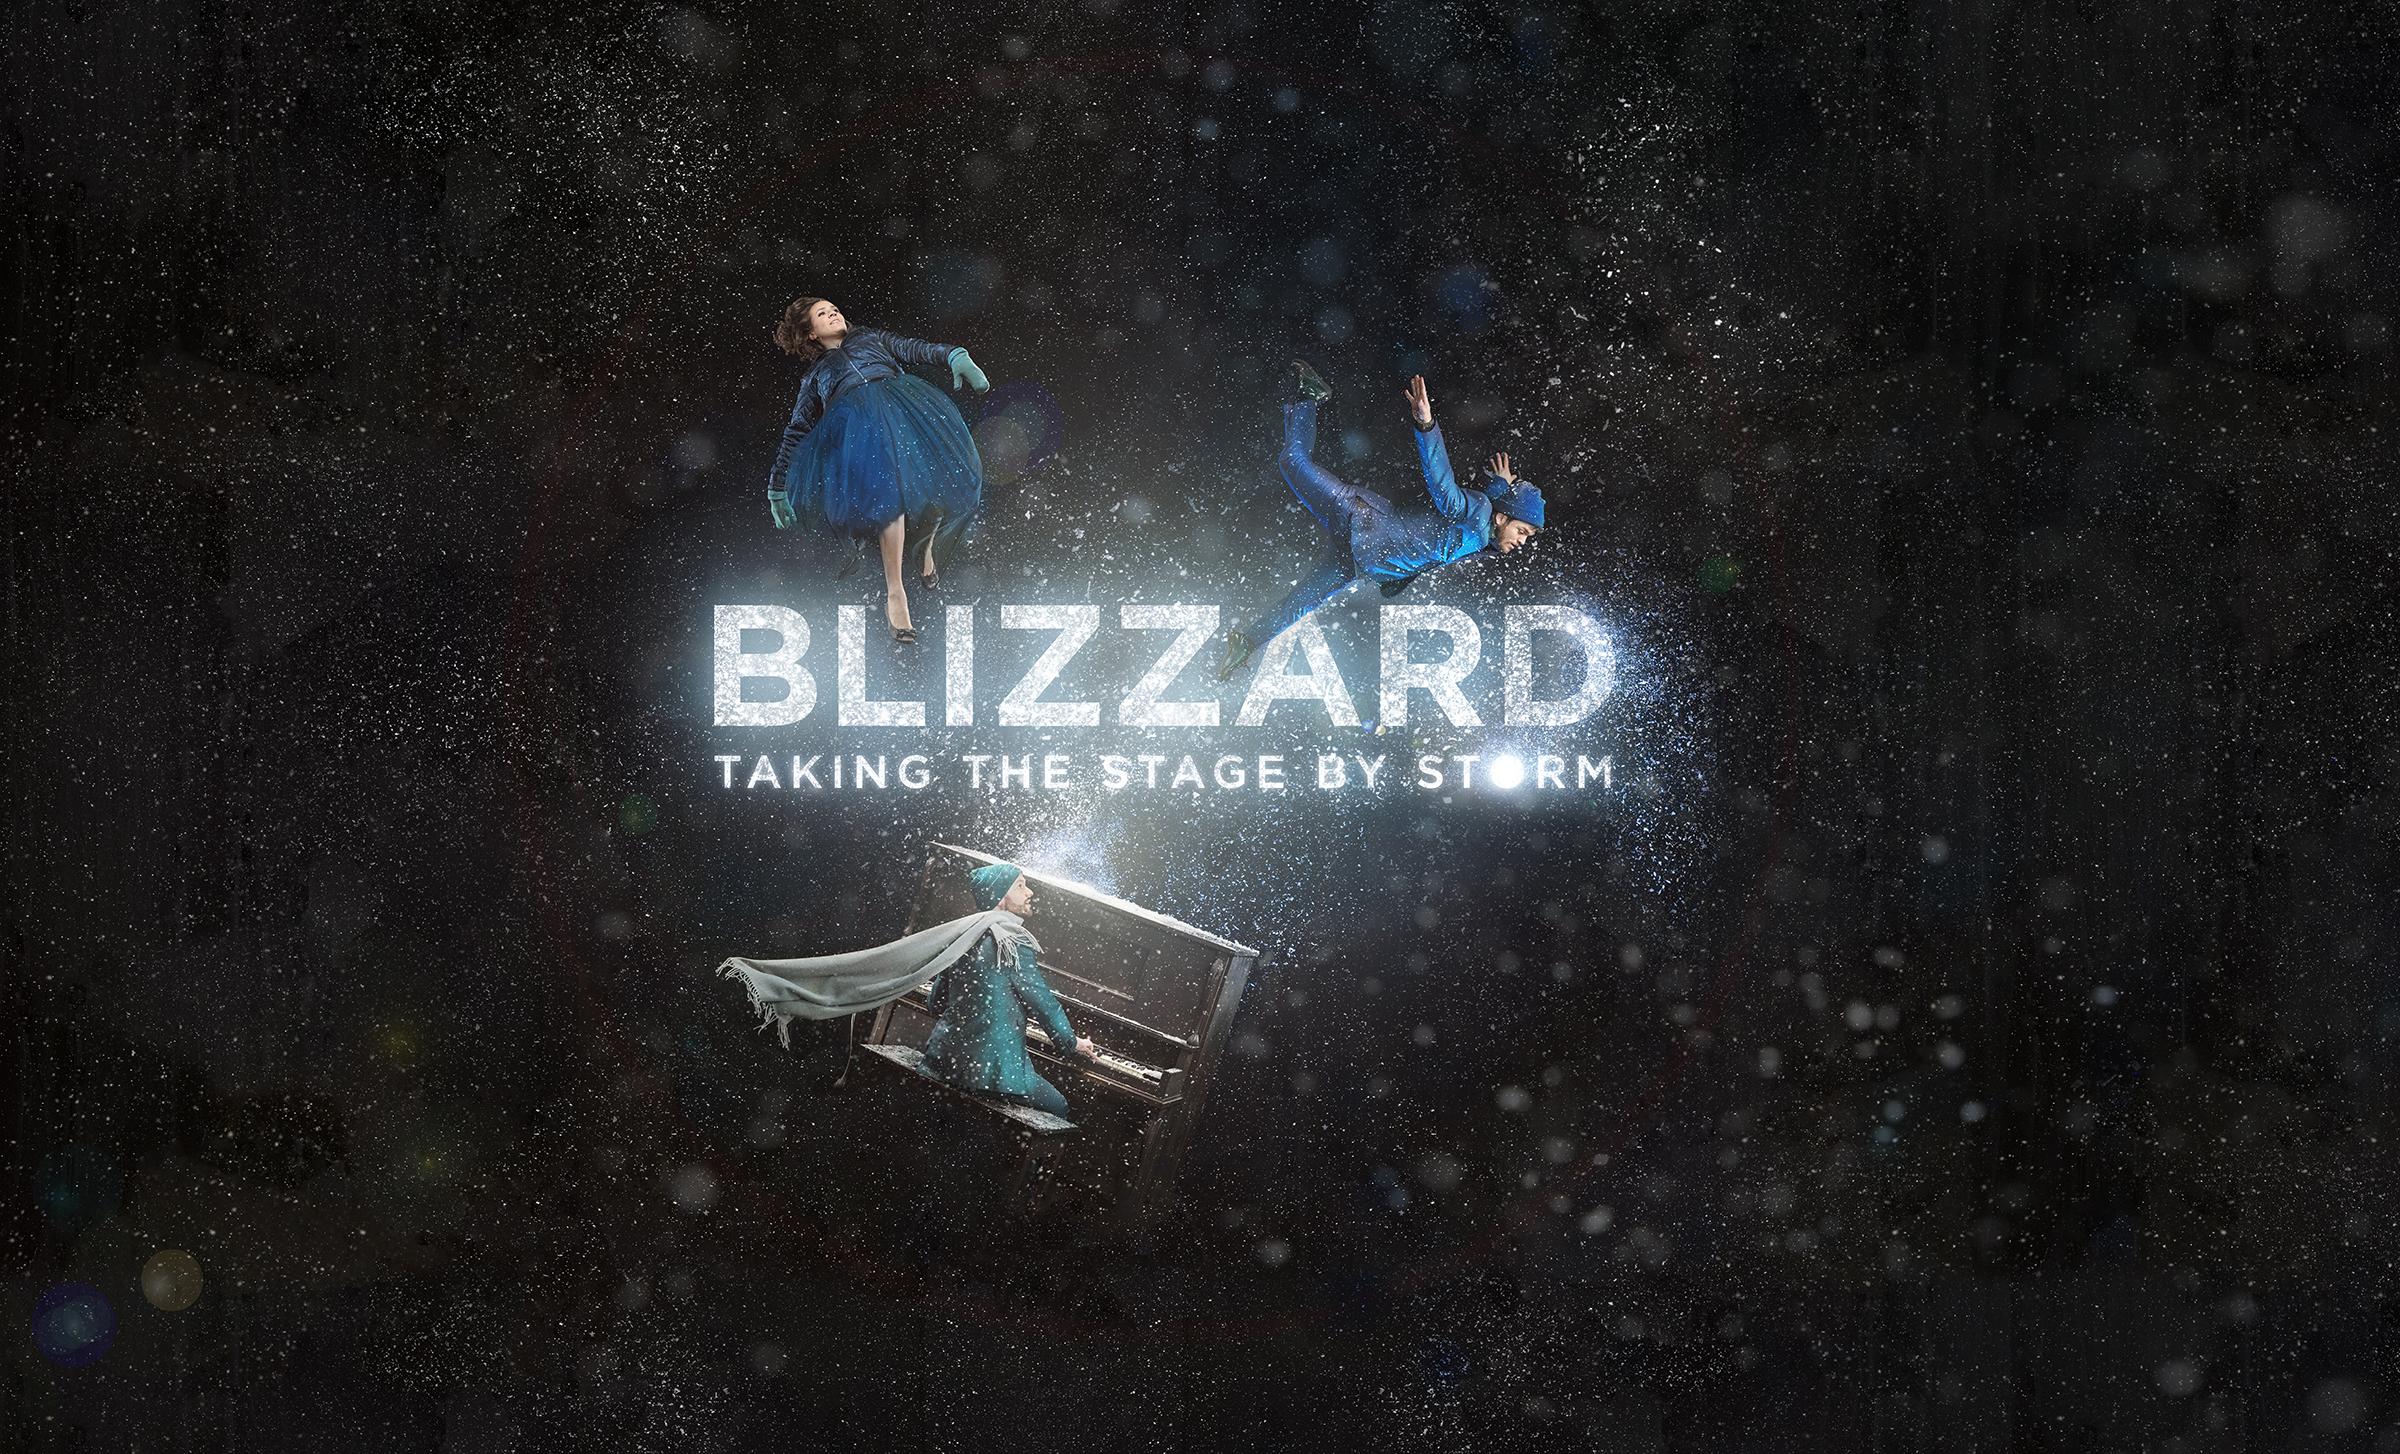 ff-blizzard-vert-eng_8x4.jpg